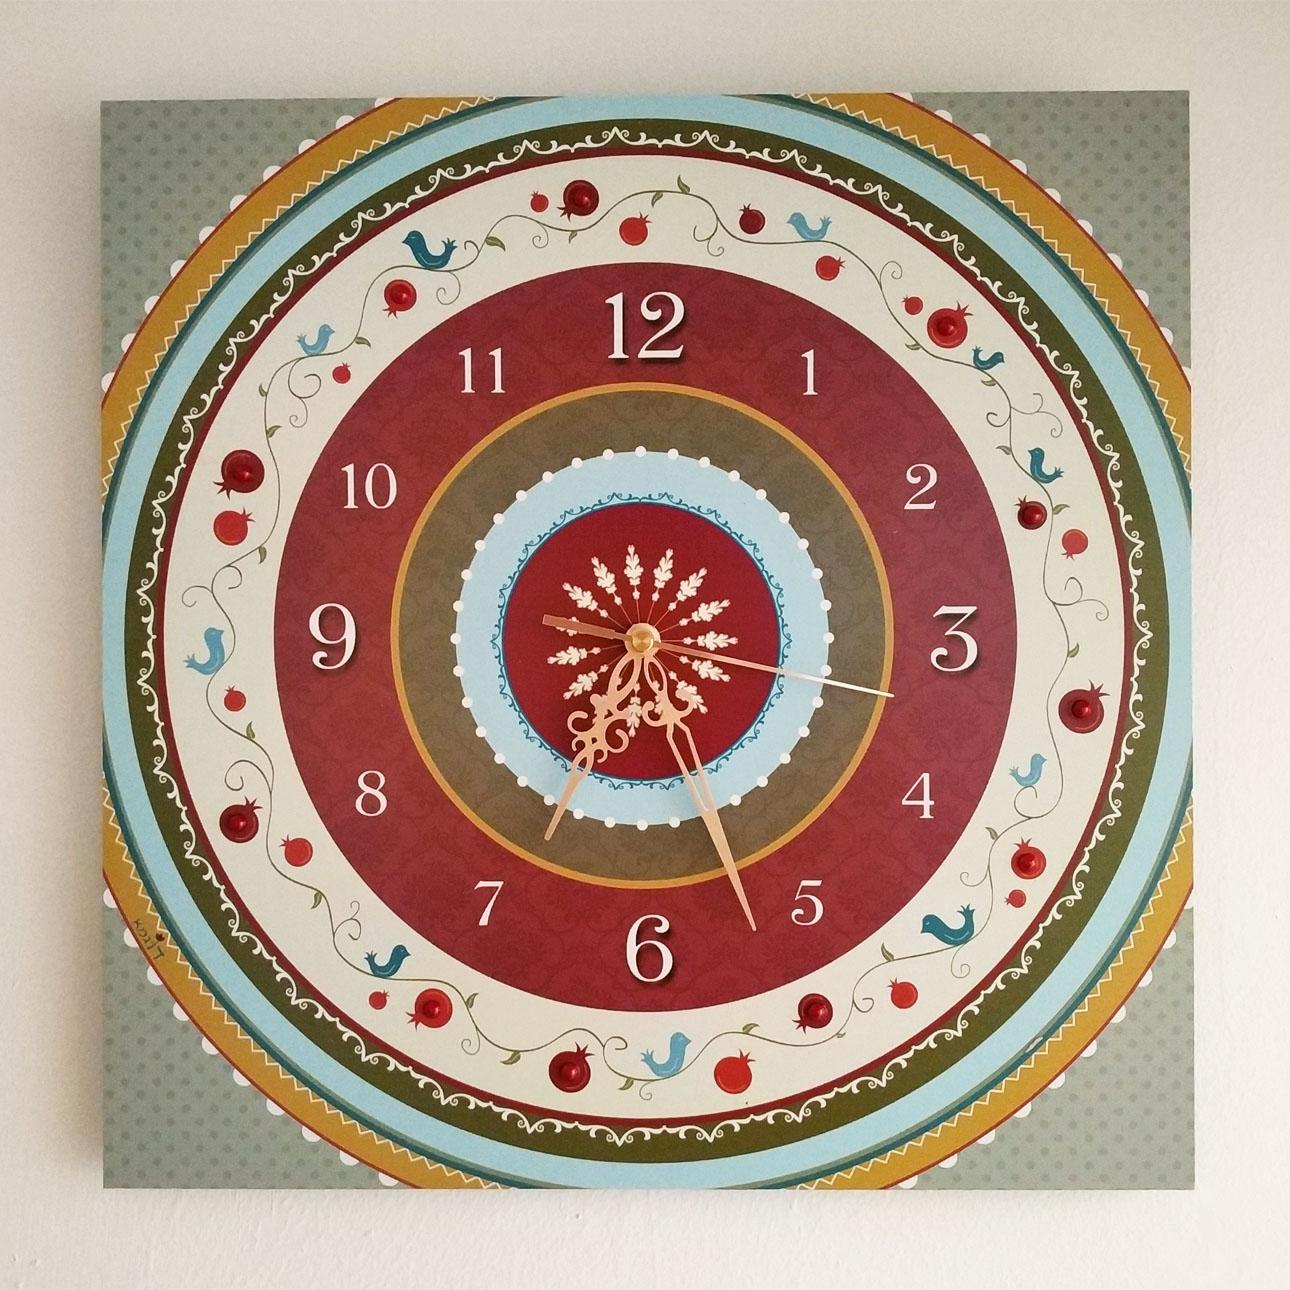 שעון קיר מעוצב - מעגלים (רימונים) - דוגמא